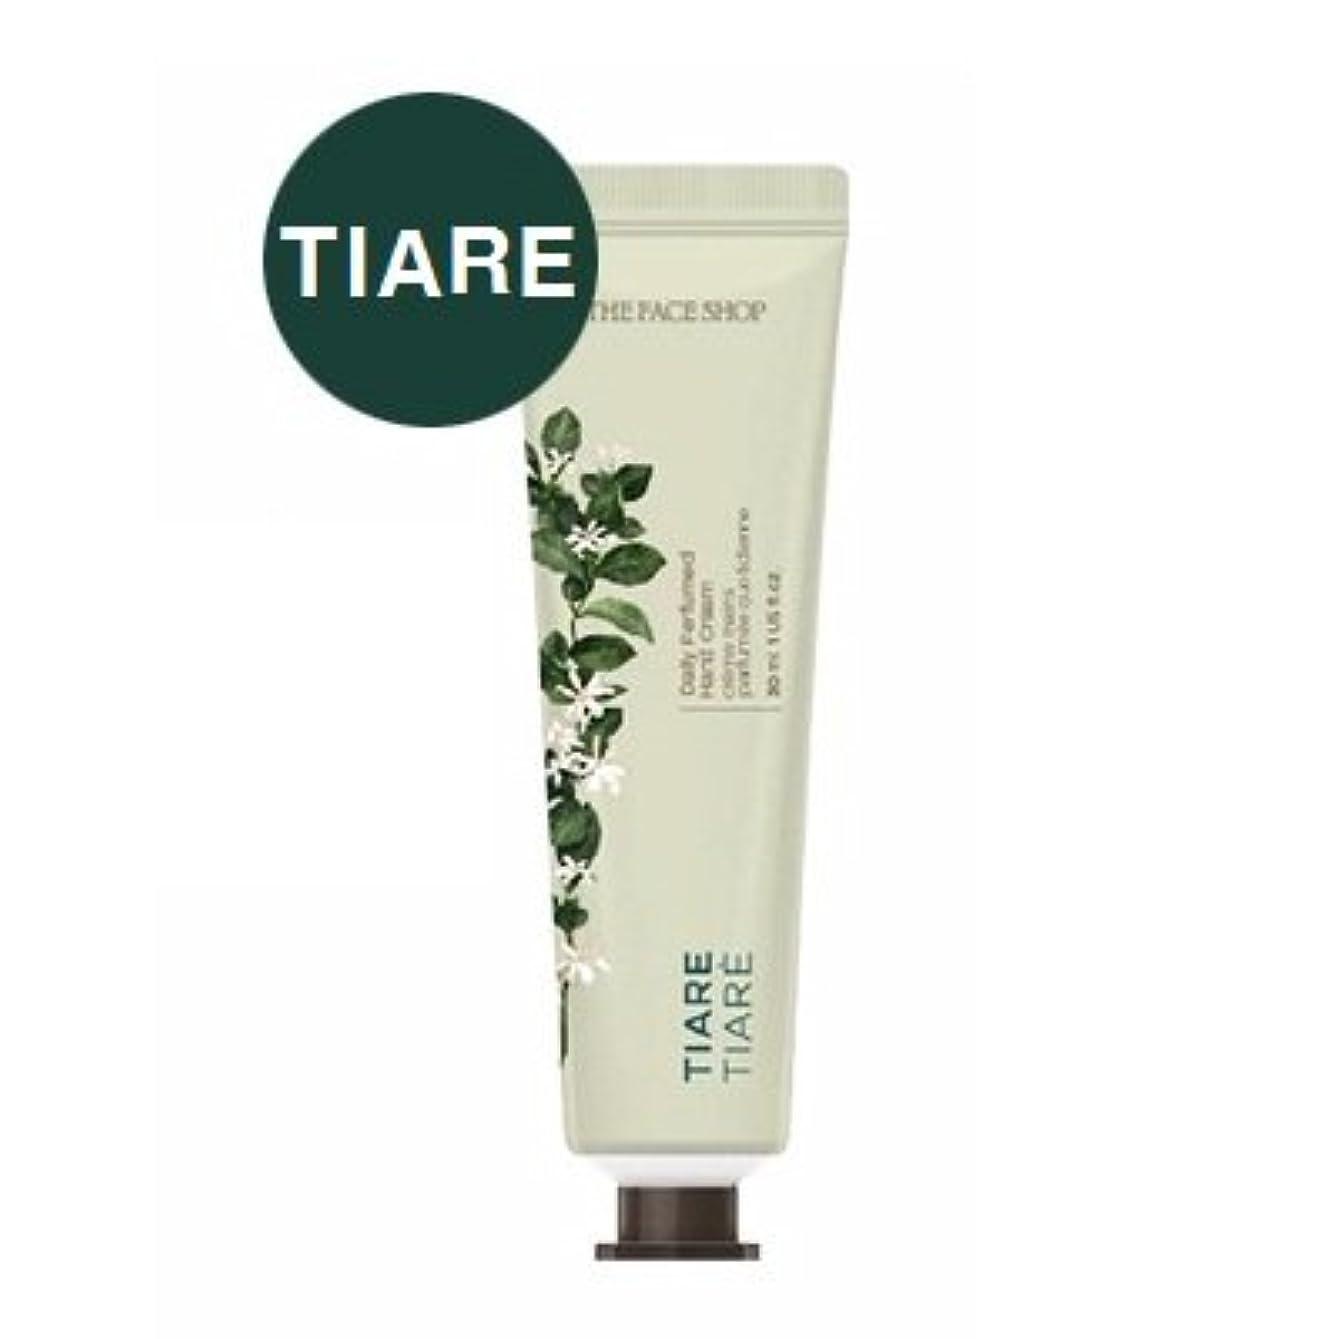 力学誇張きしむTHE FACE SHOP Daily Perfume Hand Cream [02. Tiare] ザフェイスショップ デイリーパフュームハンドクリーム [02. ティアレ] [new] [並行輸入品]